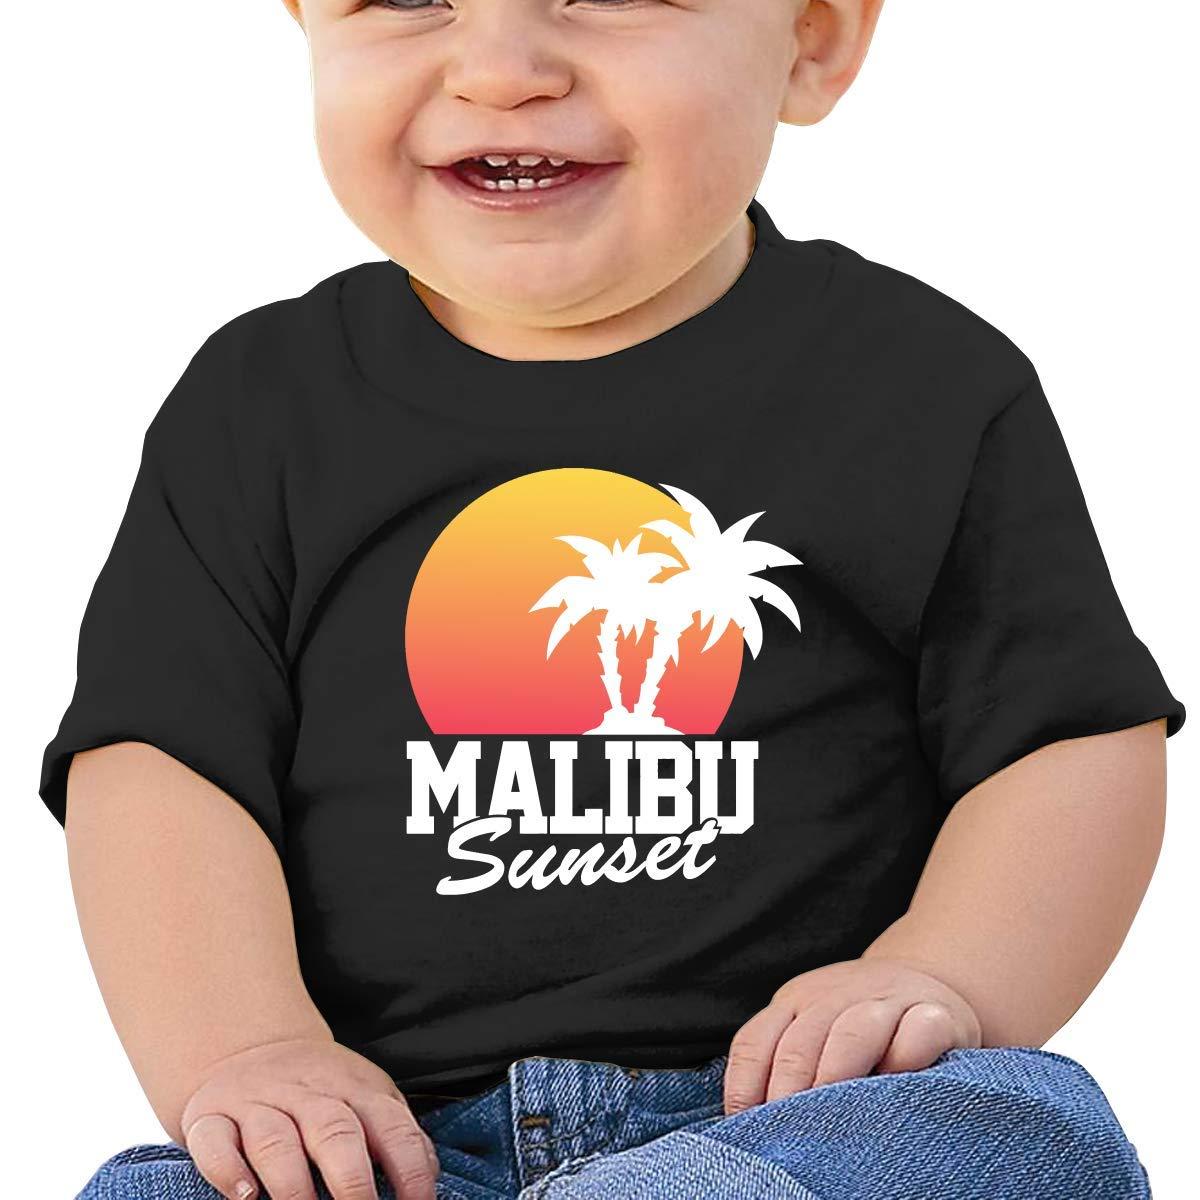 ZhuHanug Patriotic Pitbull American Flag Newborn Baby Short Sleeve Crew Neck T Shirts